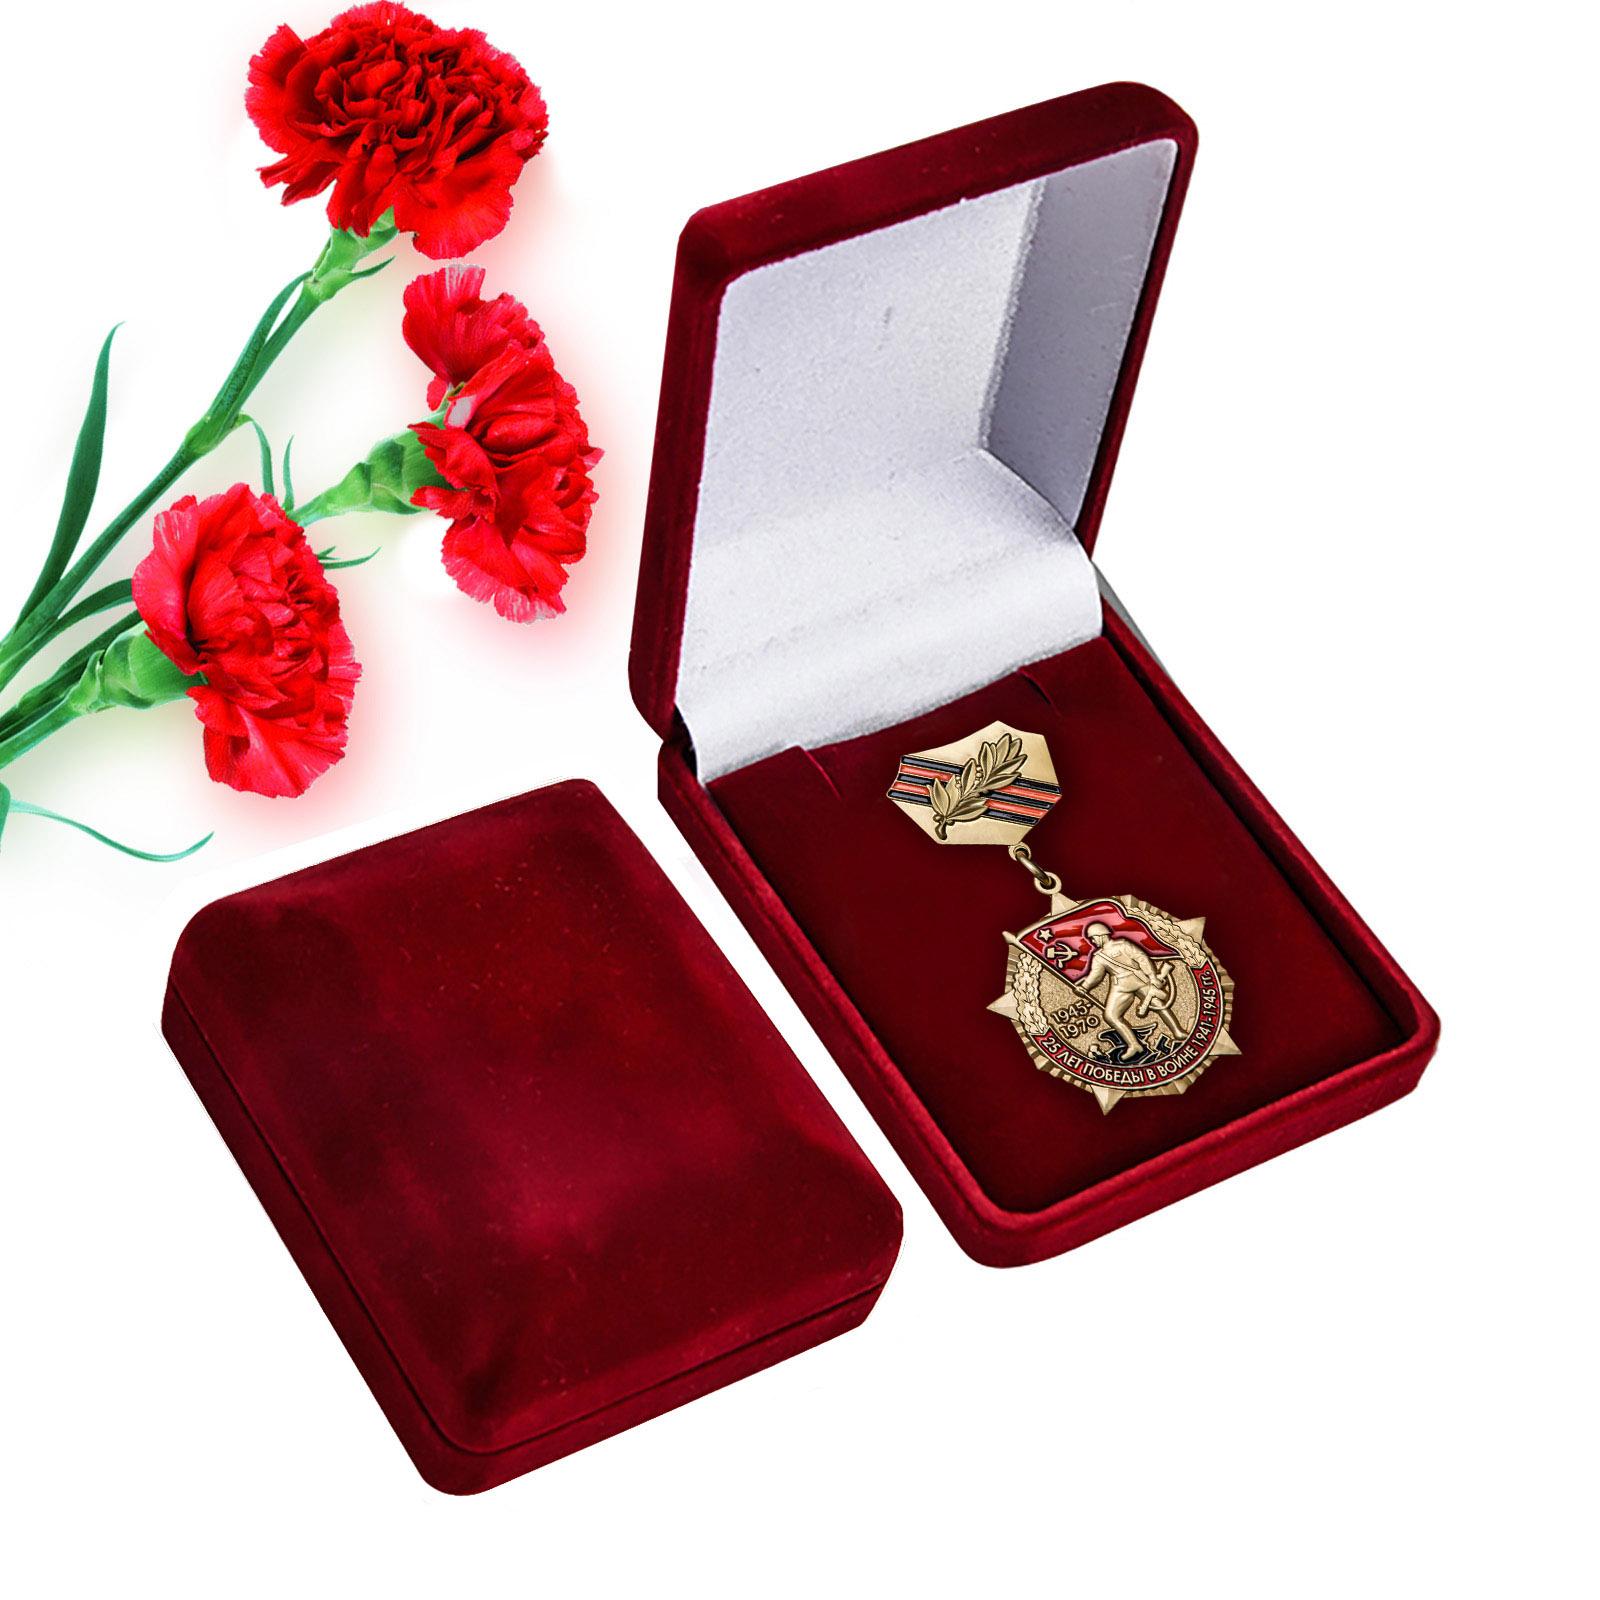 Купить знак 25 лет Победы в Великой Отечественной войне в подарок